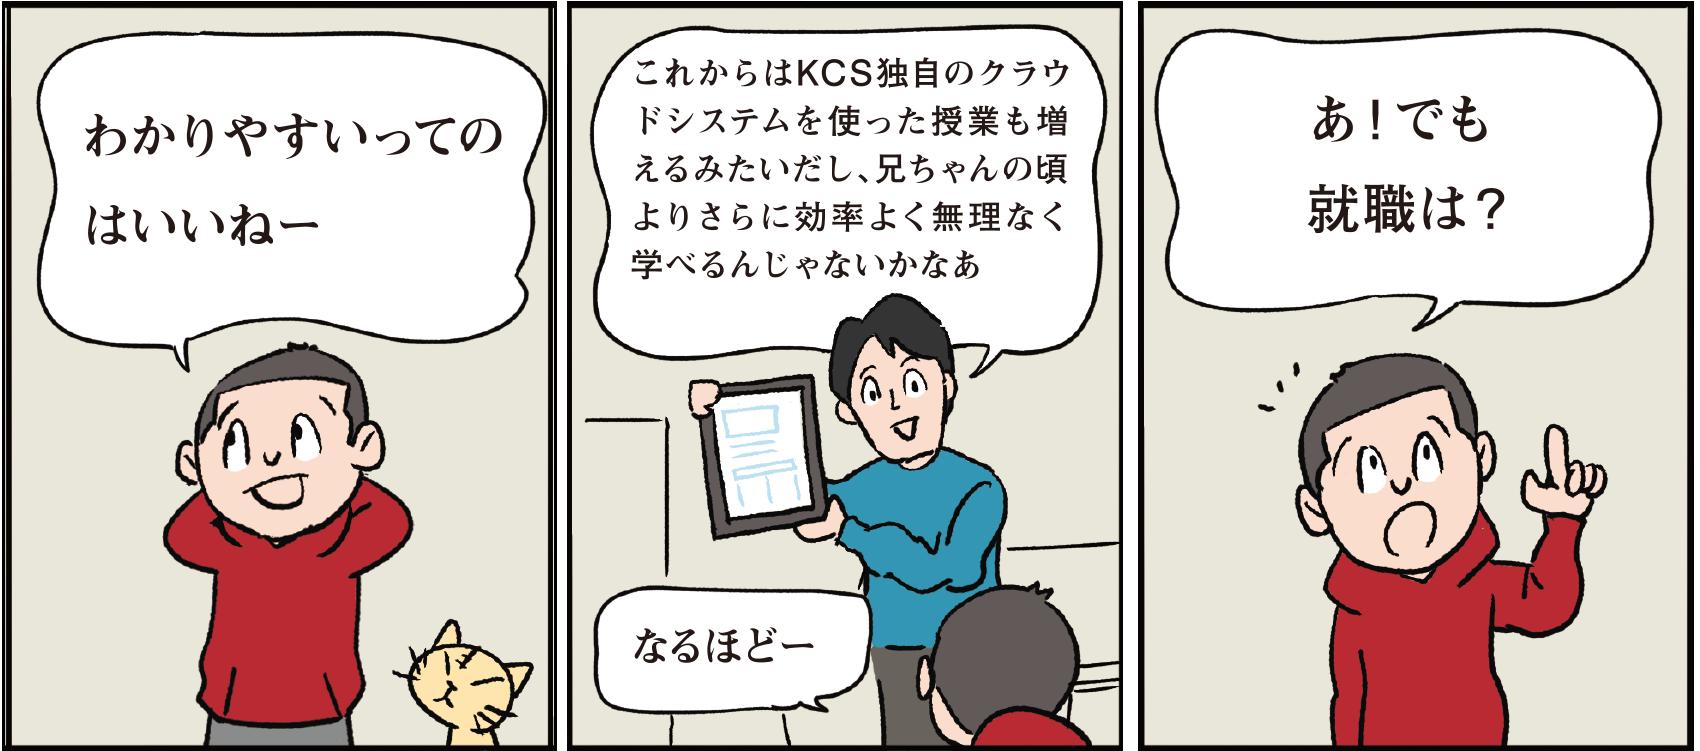 コミック13-15